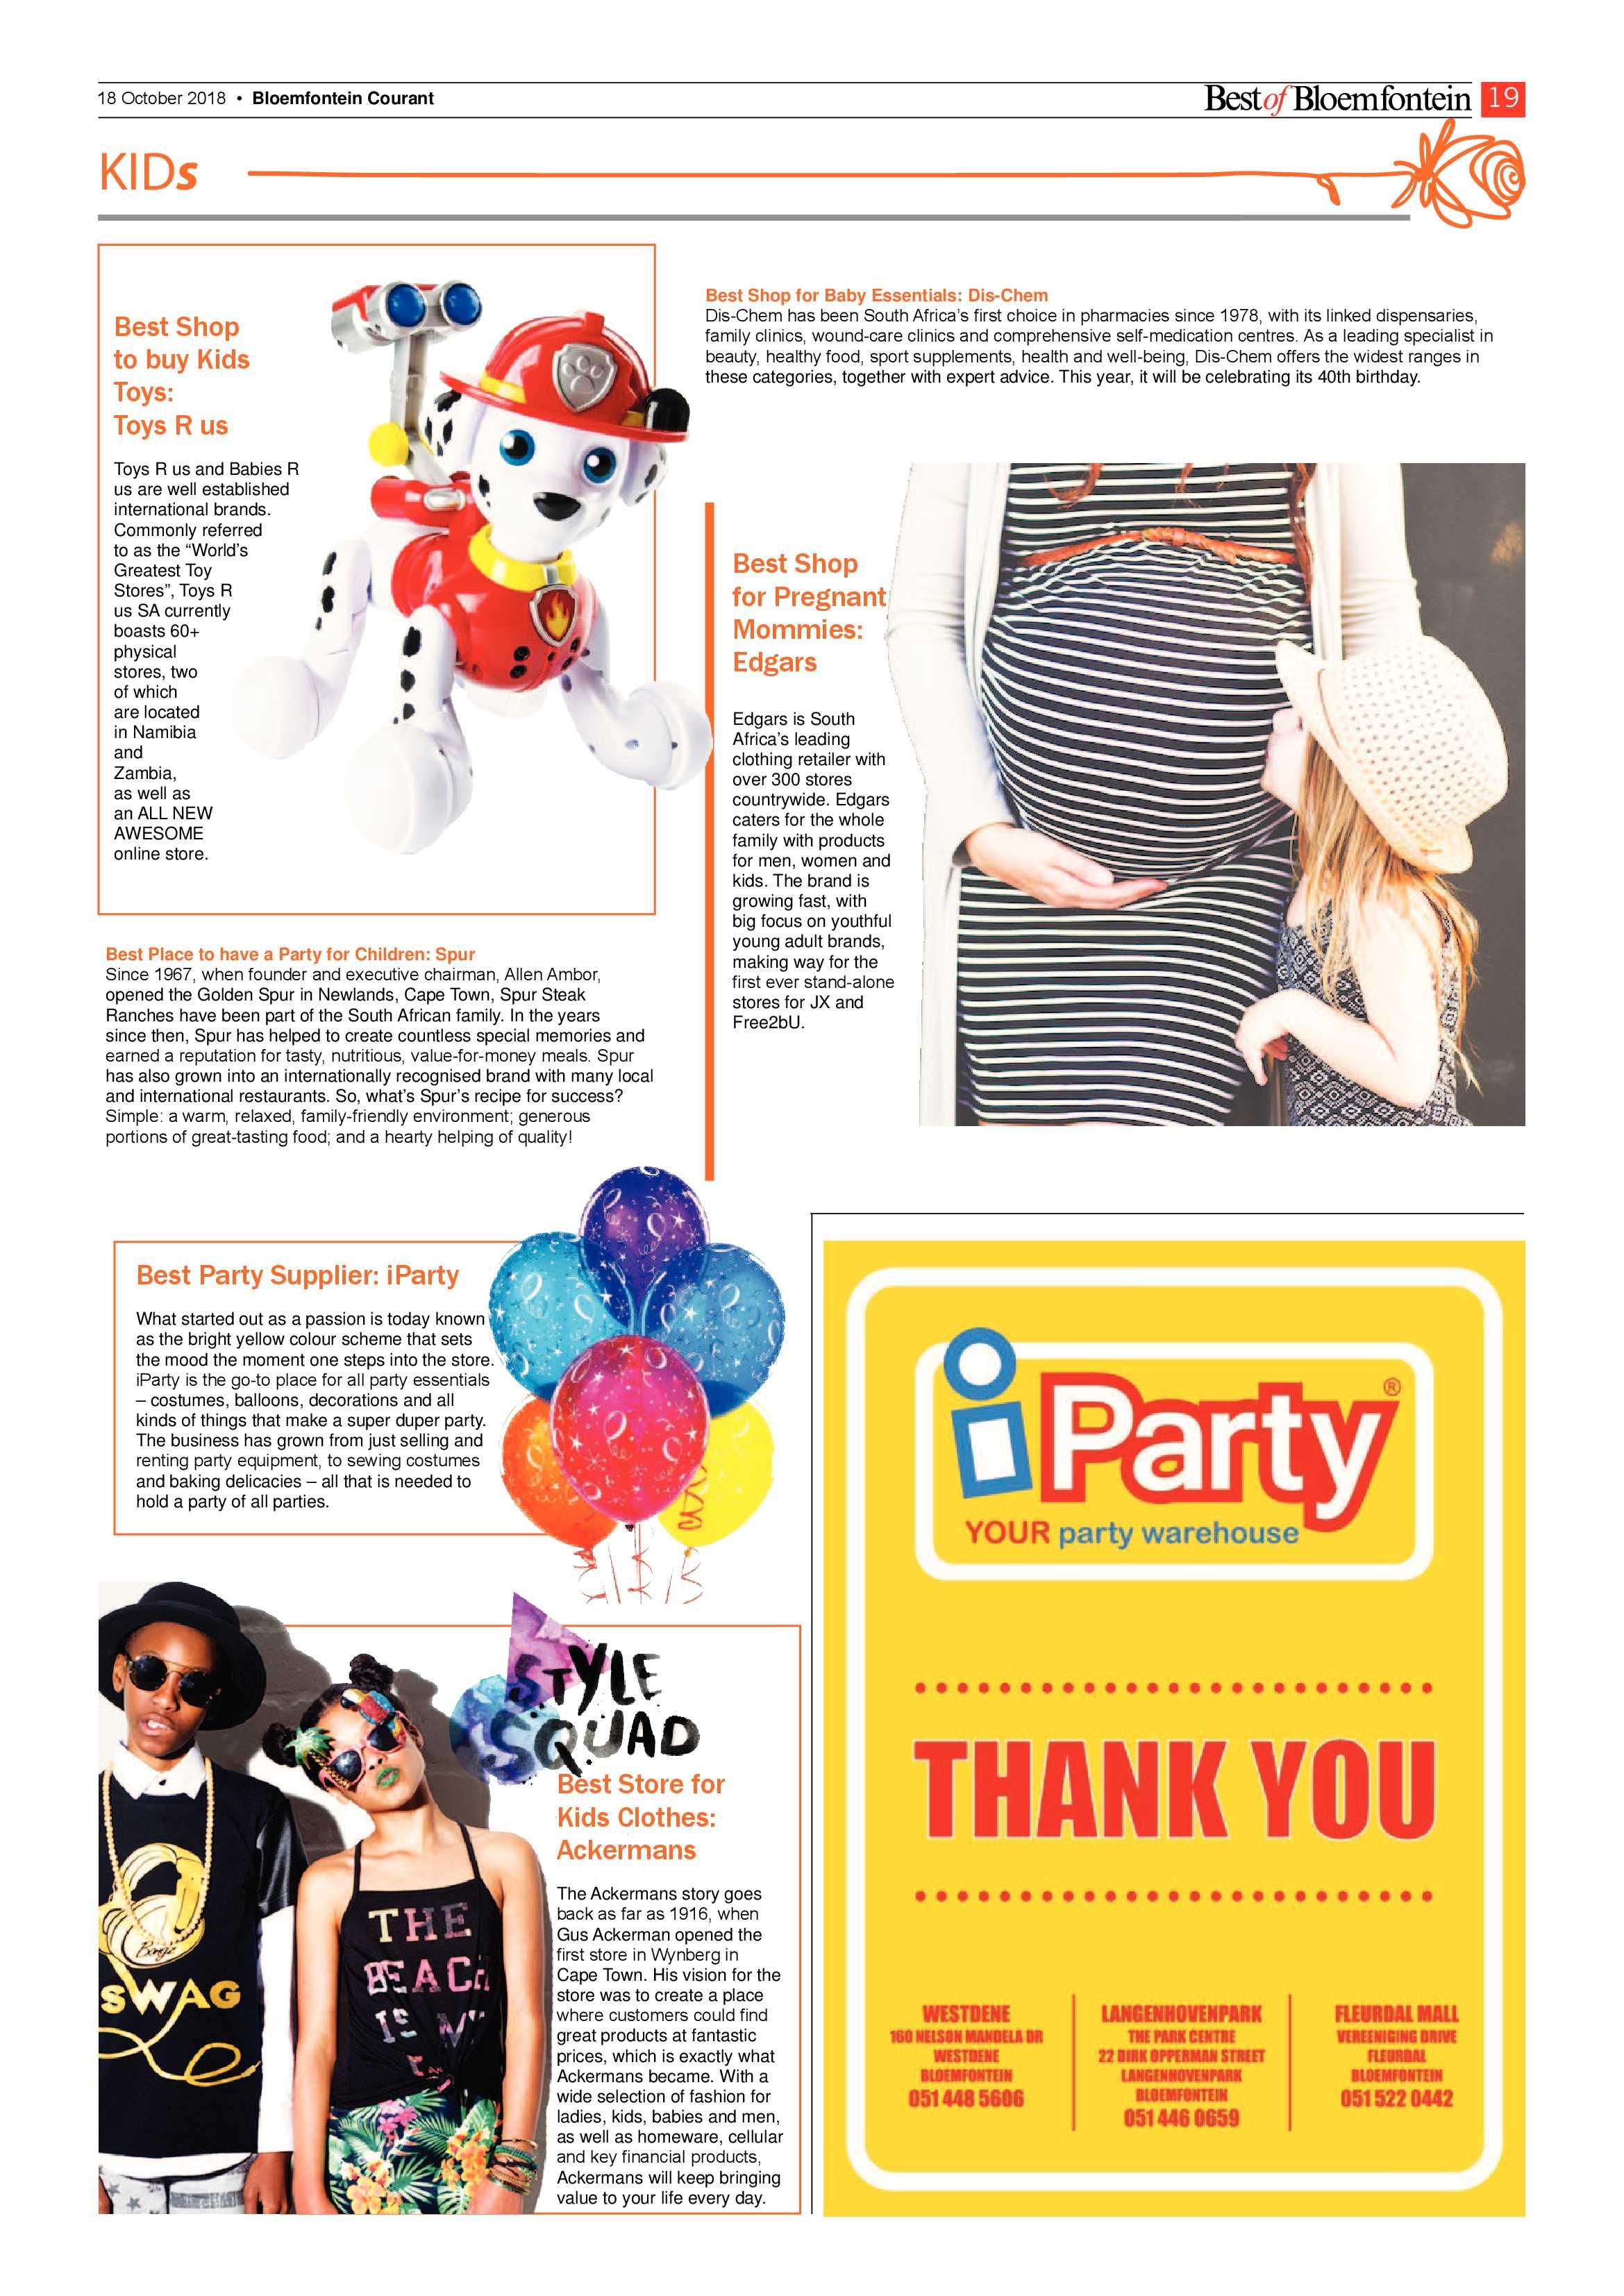 best-of-bloemfontein-2018-epapers-page-19